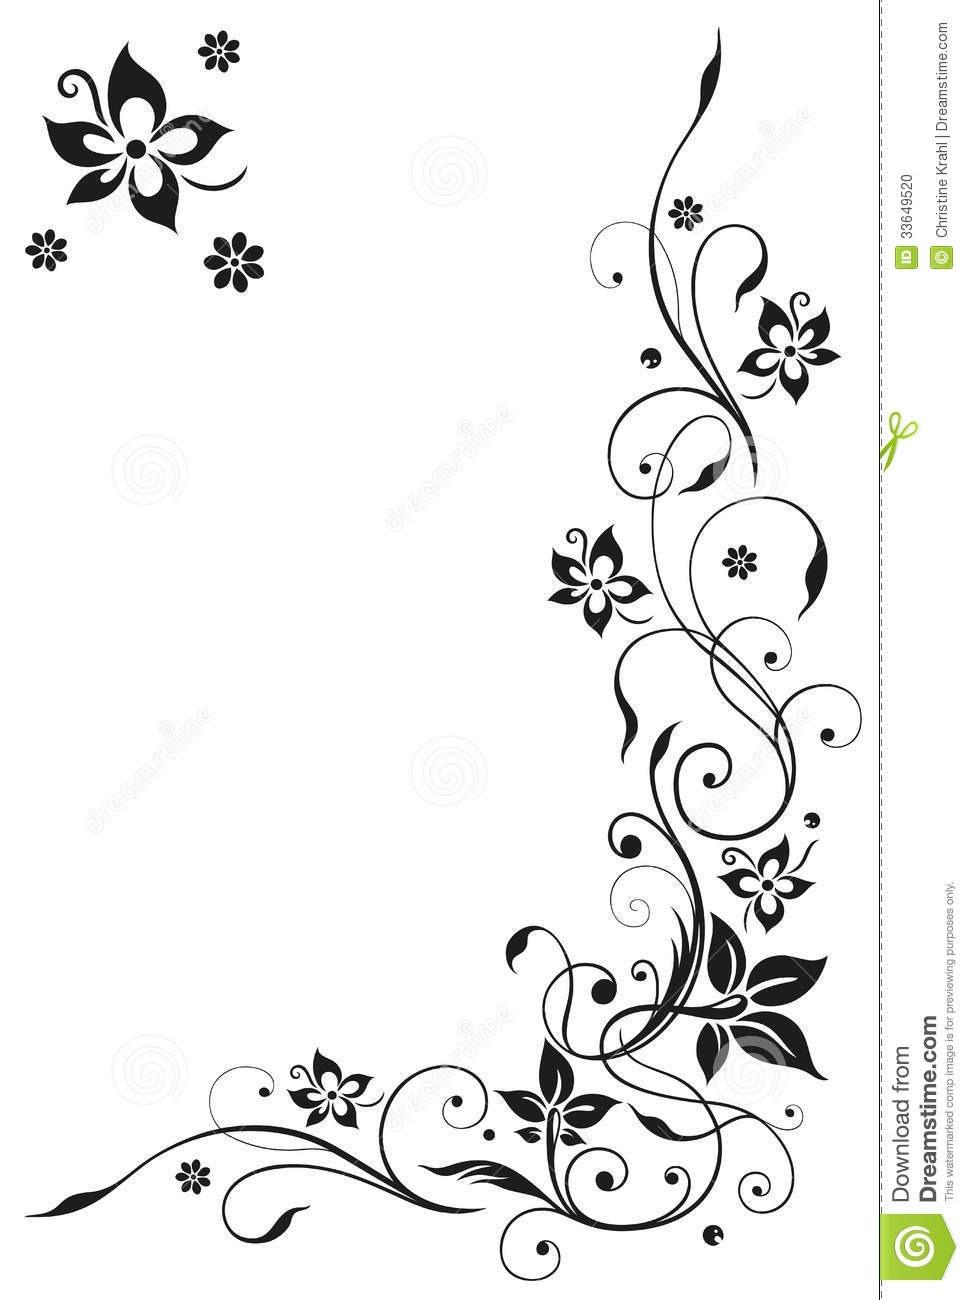 Malvorlage Blumen ornamente Frisch Malvorlagen ornamente Kostenlos Genial Bilderrahmen Ohne Rahmen Fotos